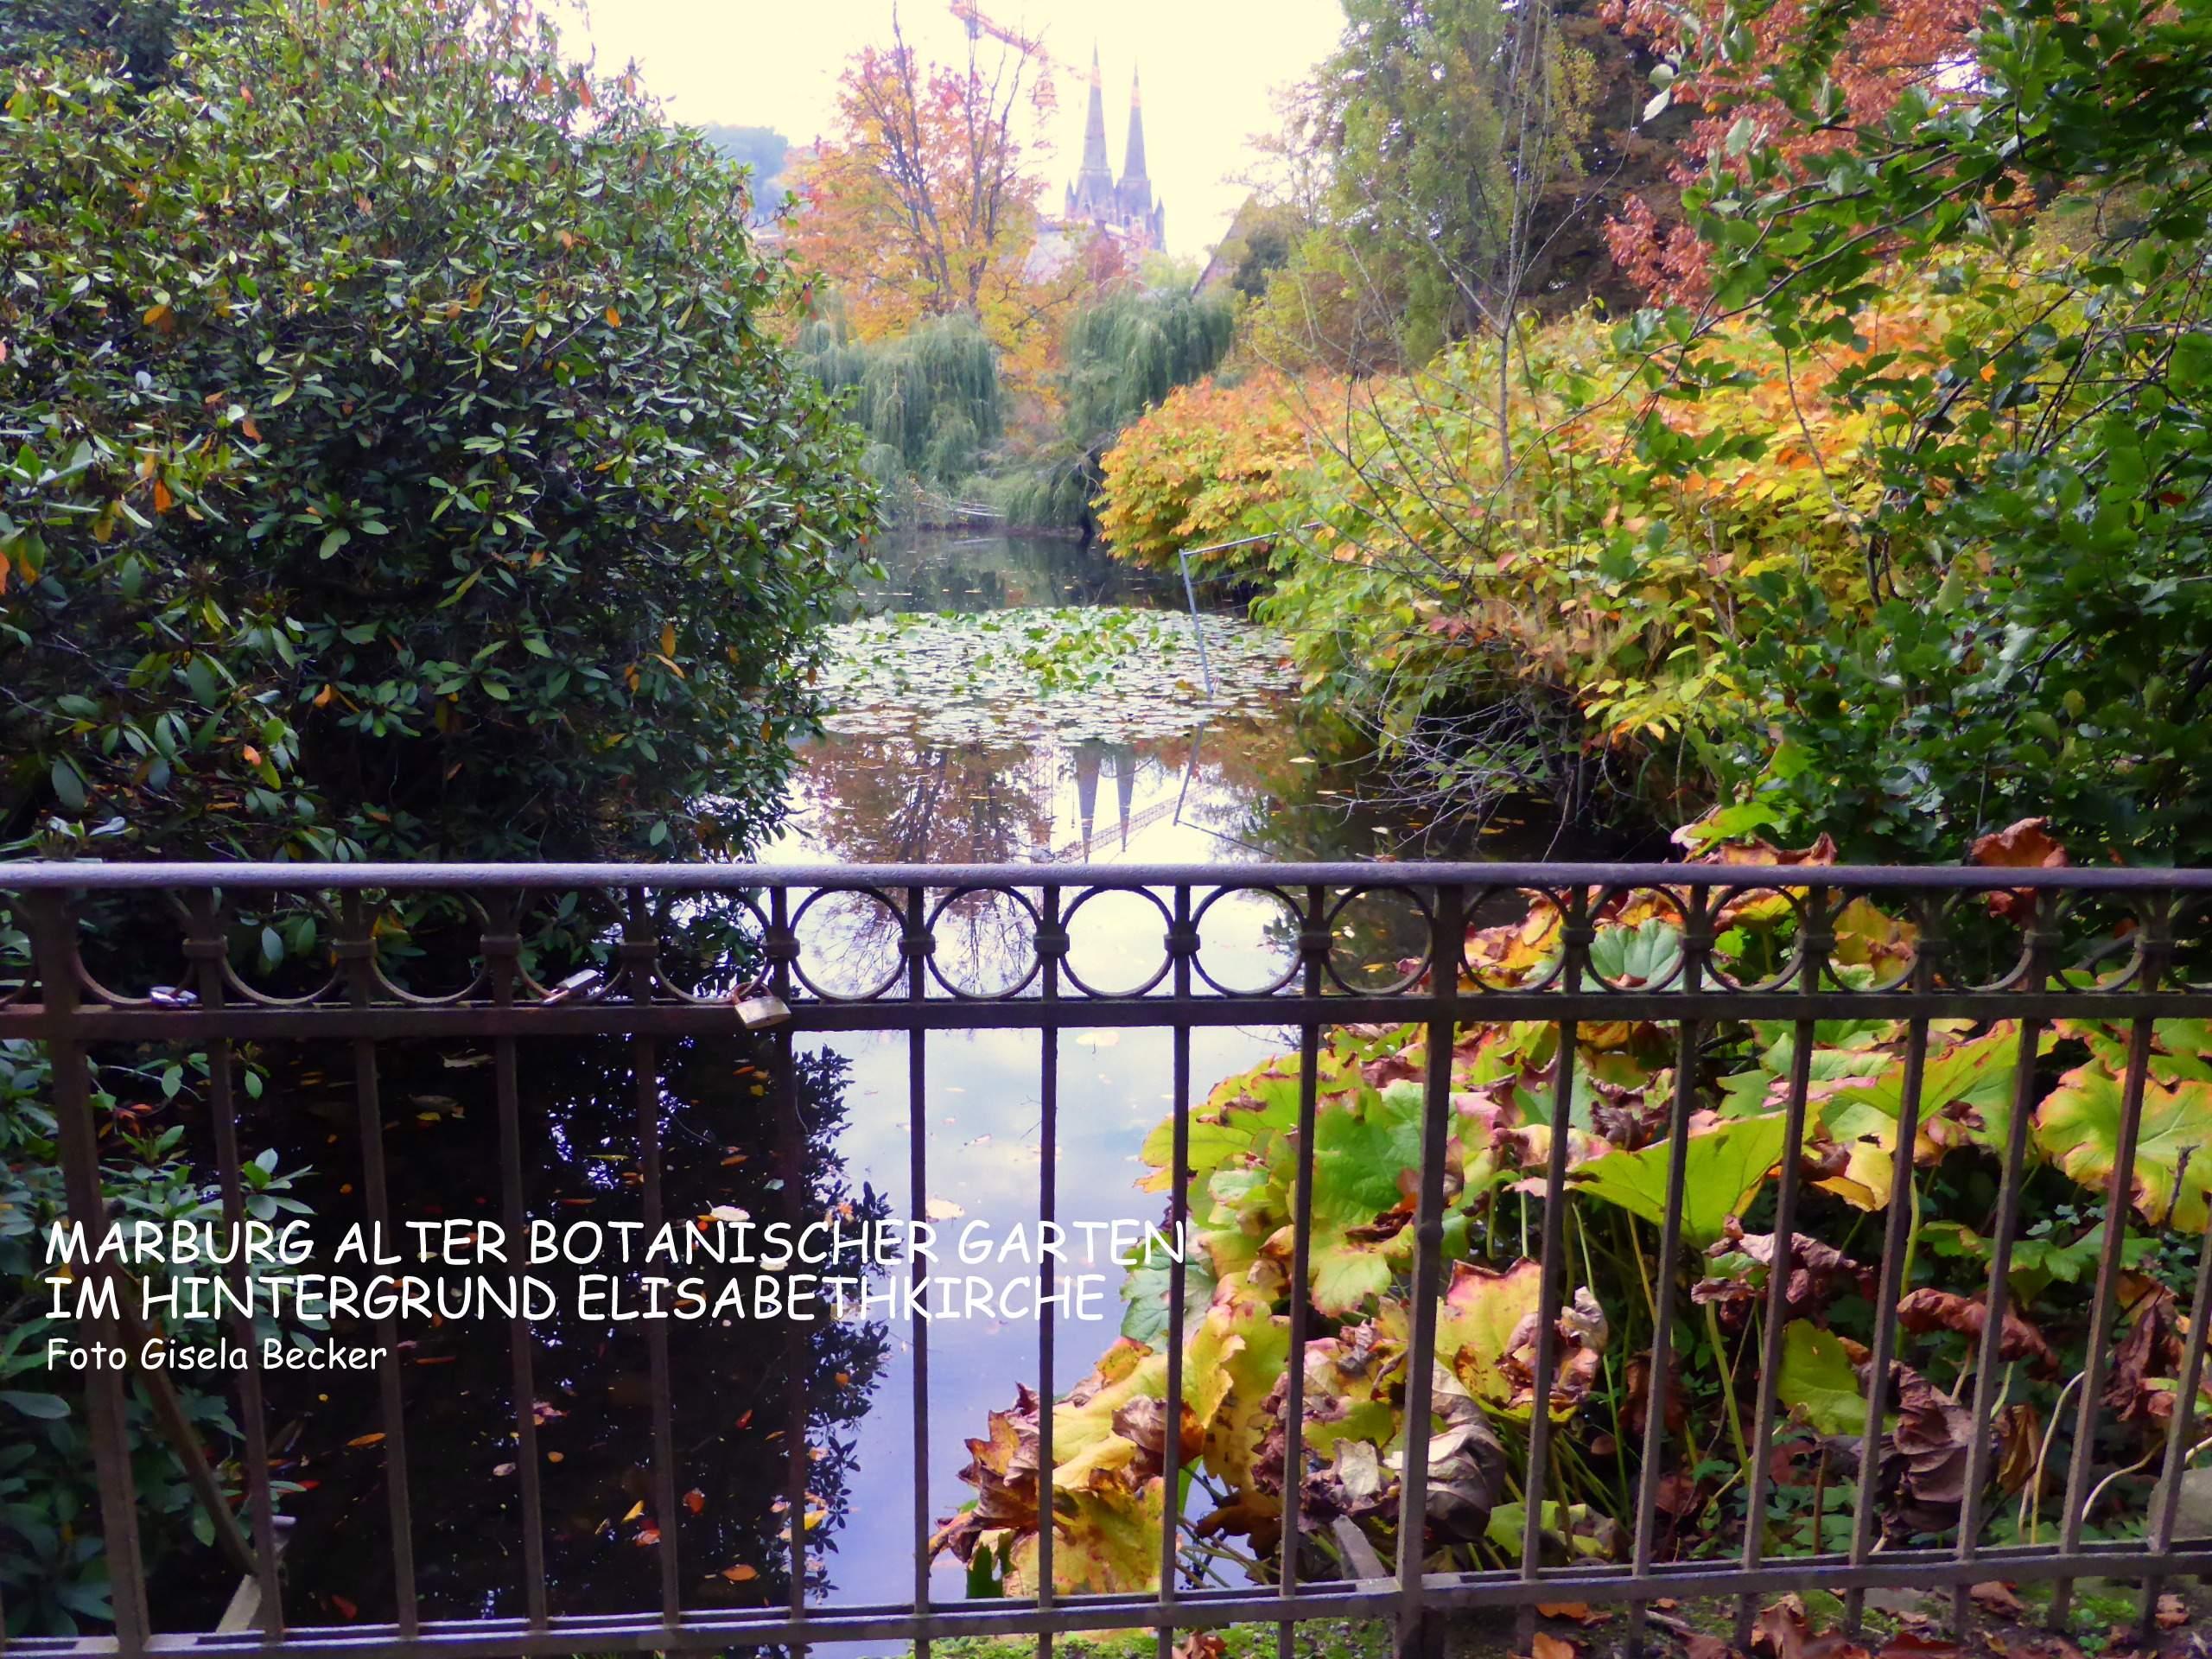 Botanischer Garten Marburg Elegant Ein Schöner Tag – Marburg Von Seiner Besten Seite